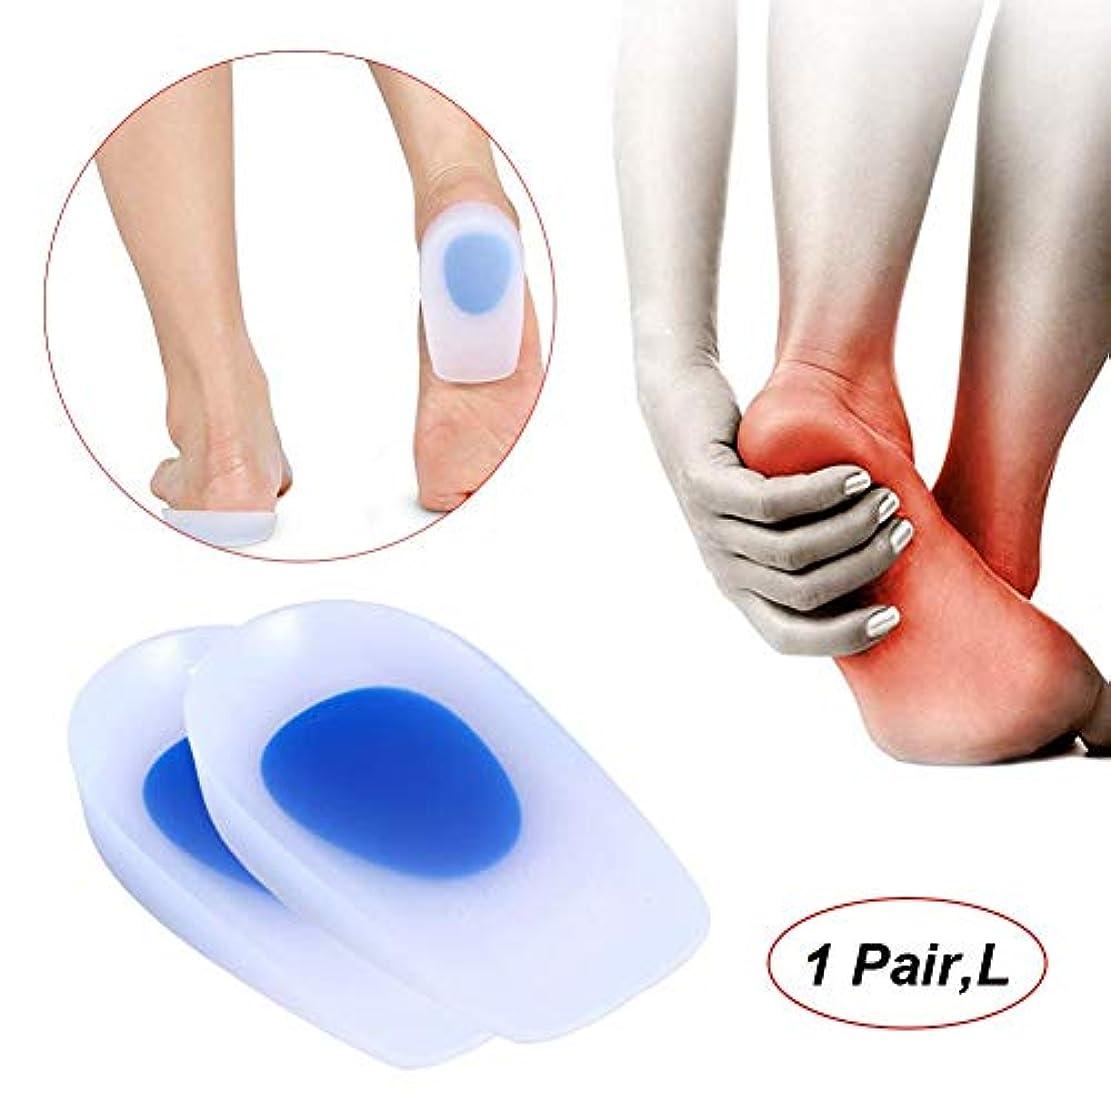 給料驚かす山岳ゲルヒールカップヒールシューズインサートパッド、足底筋膜炎の痛みを和らげる、男性と女性のヒール骨棘とアキレス腱炎(1ペア)L